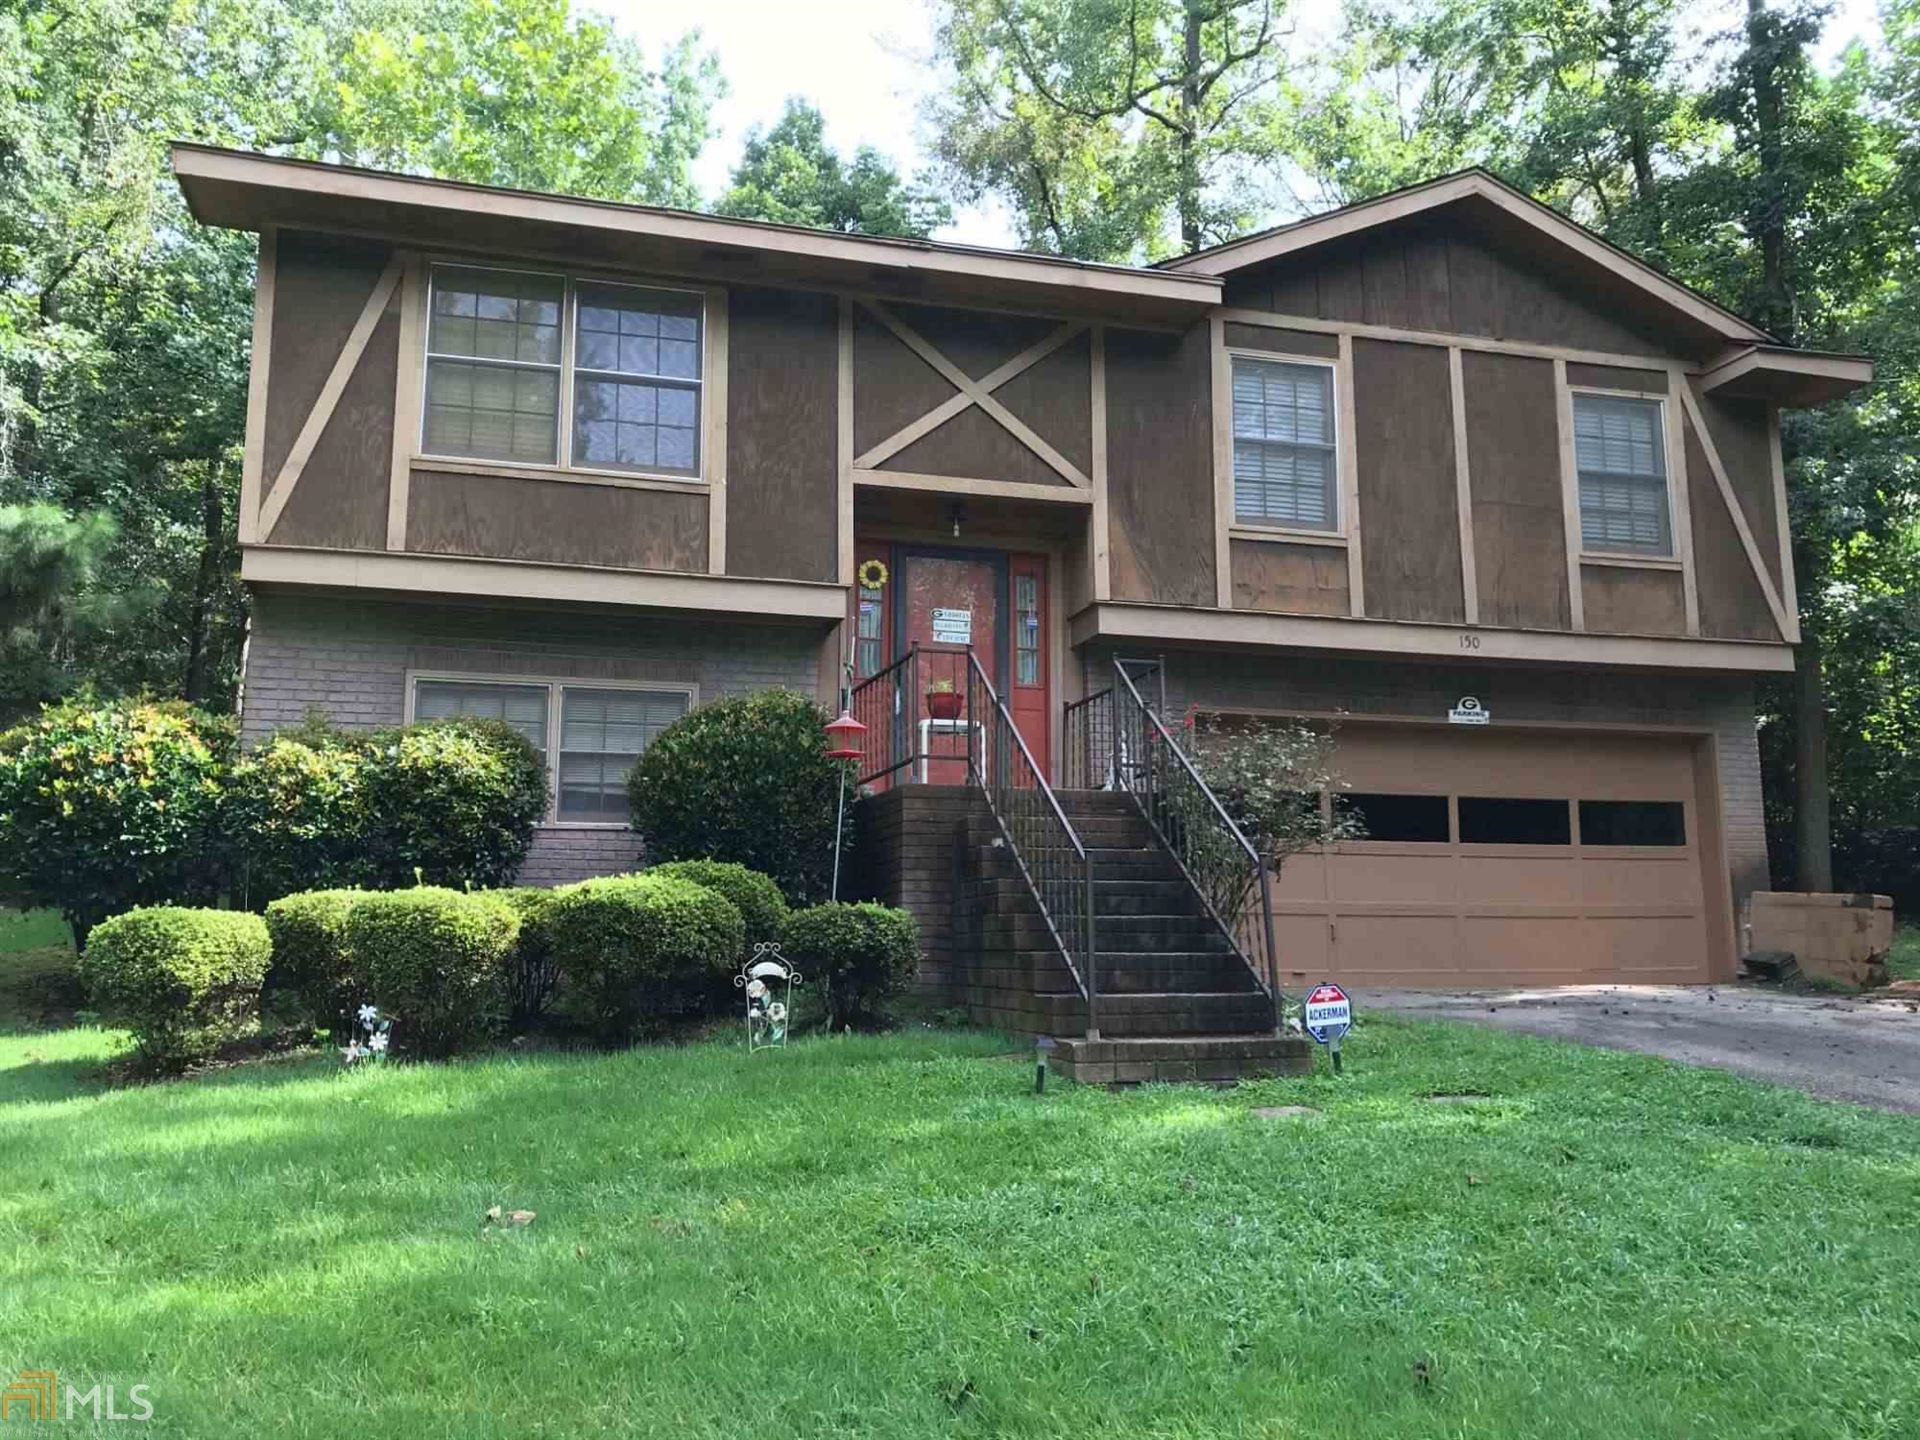 150 Kenwood Dr, Athens, GA 30601 - #: 8858074